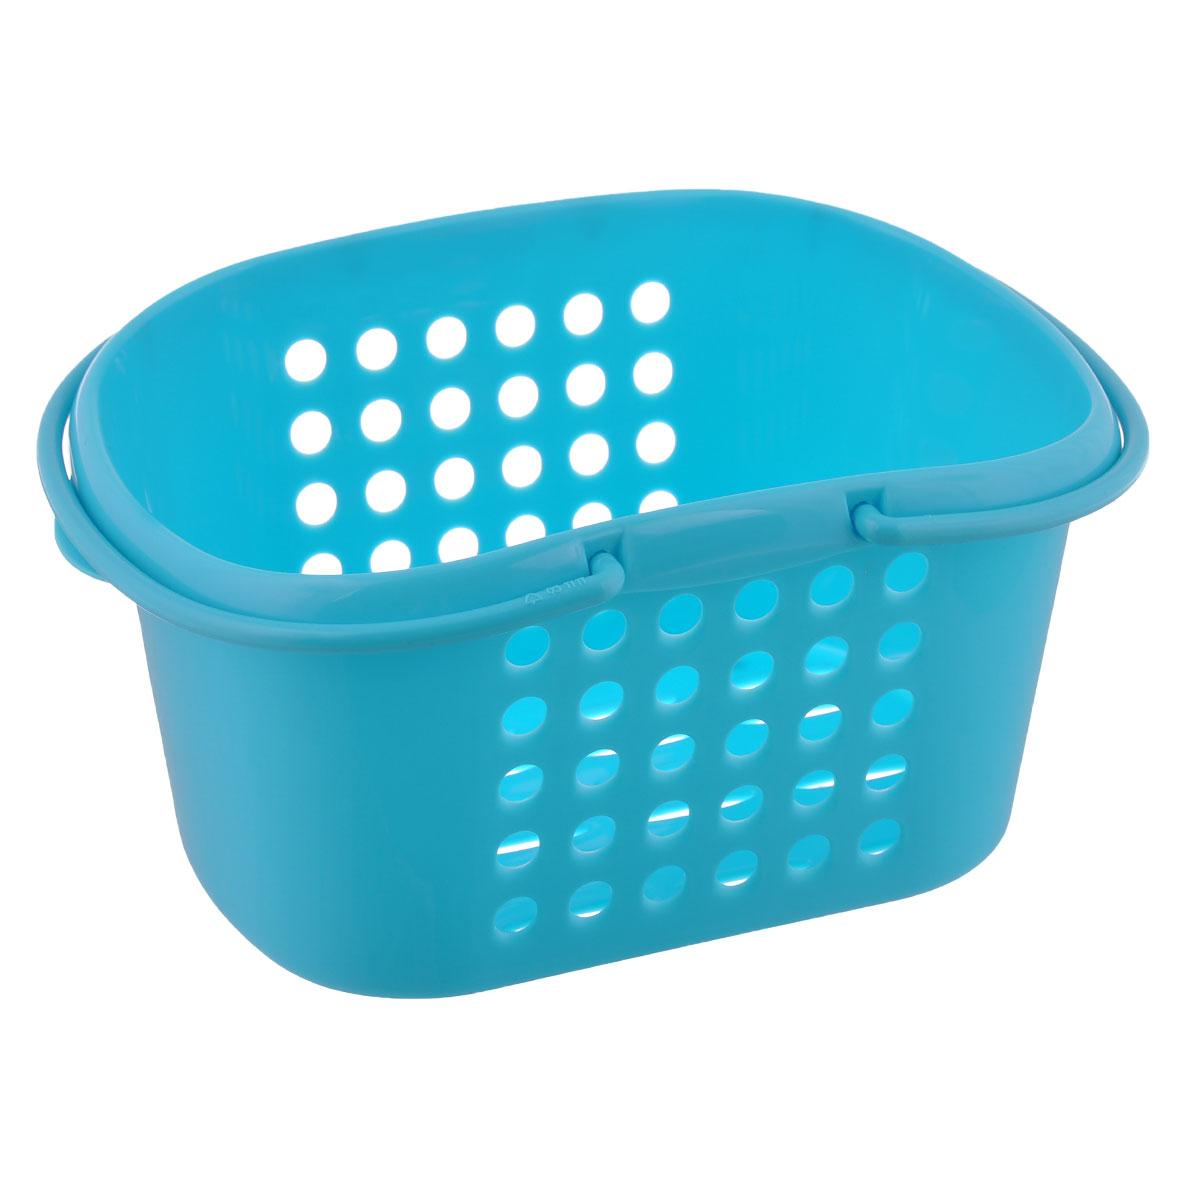 Корзинка универсальная Econova, с ручками, цвет: голубой, 23 х 17,3 х 11,5 смС12246Универсальная корзинка Econova изготовлена из высококачественного пластика и предназначена для хранения и транспортировки вещей. Корзинка подойдет как для пищевых продуктов, так и для ванных принадлежностей и различных мелочей. Изделие оснащено двумя ручками для более удобной транспортировки. Стенки корзинки оформлены перфорацией, что обеспечивает естественную вентиляцию. Универсальная корзинка Econova позволит вам хранить вещи компактно и с удобством.